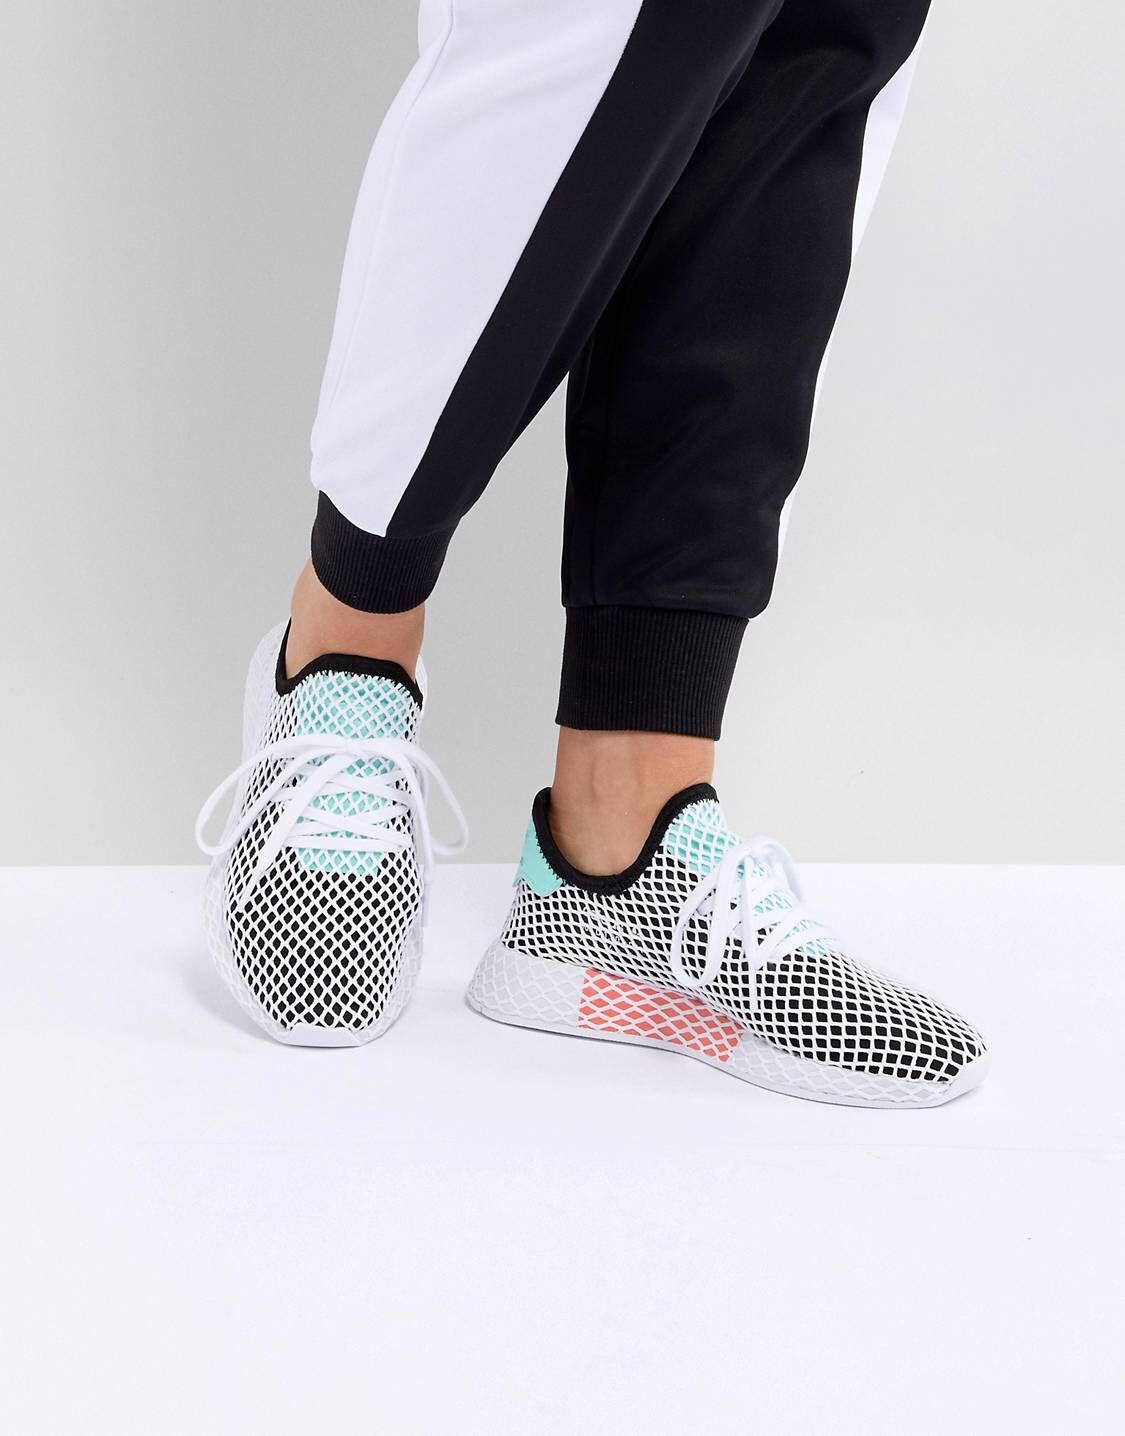 reputable site 15a2c 83706 Zapatillas de deporte en negro y verde Deerupt de adidas Originals